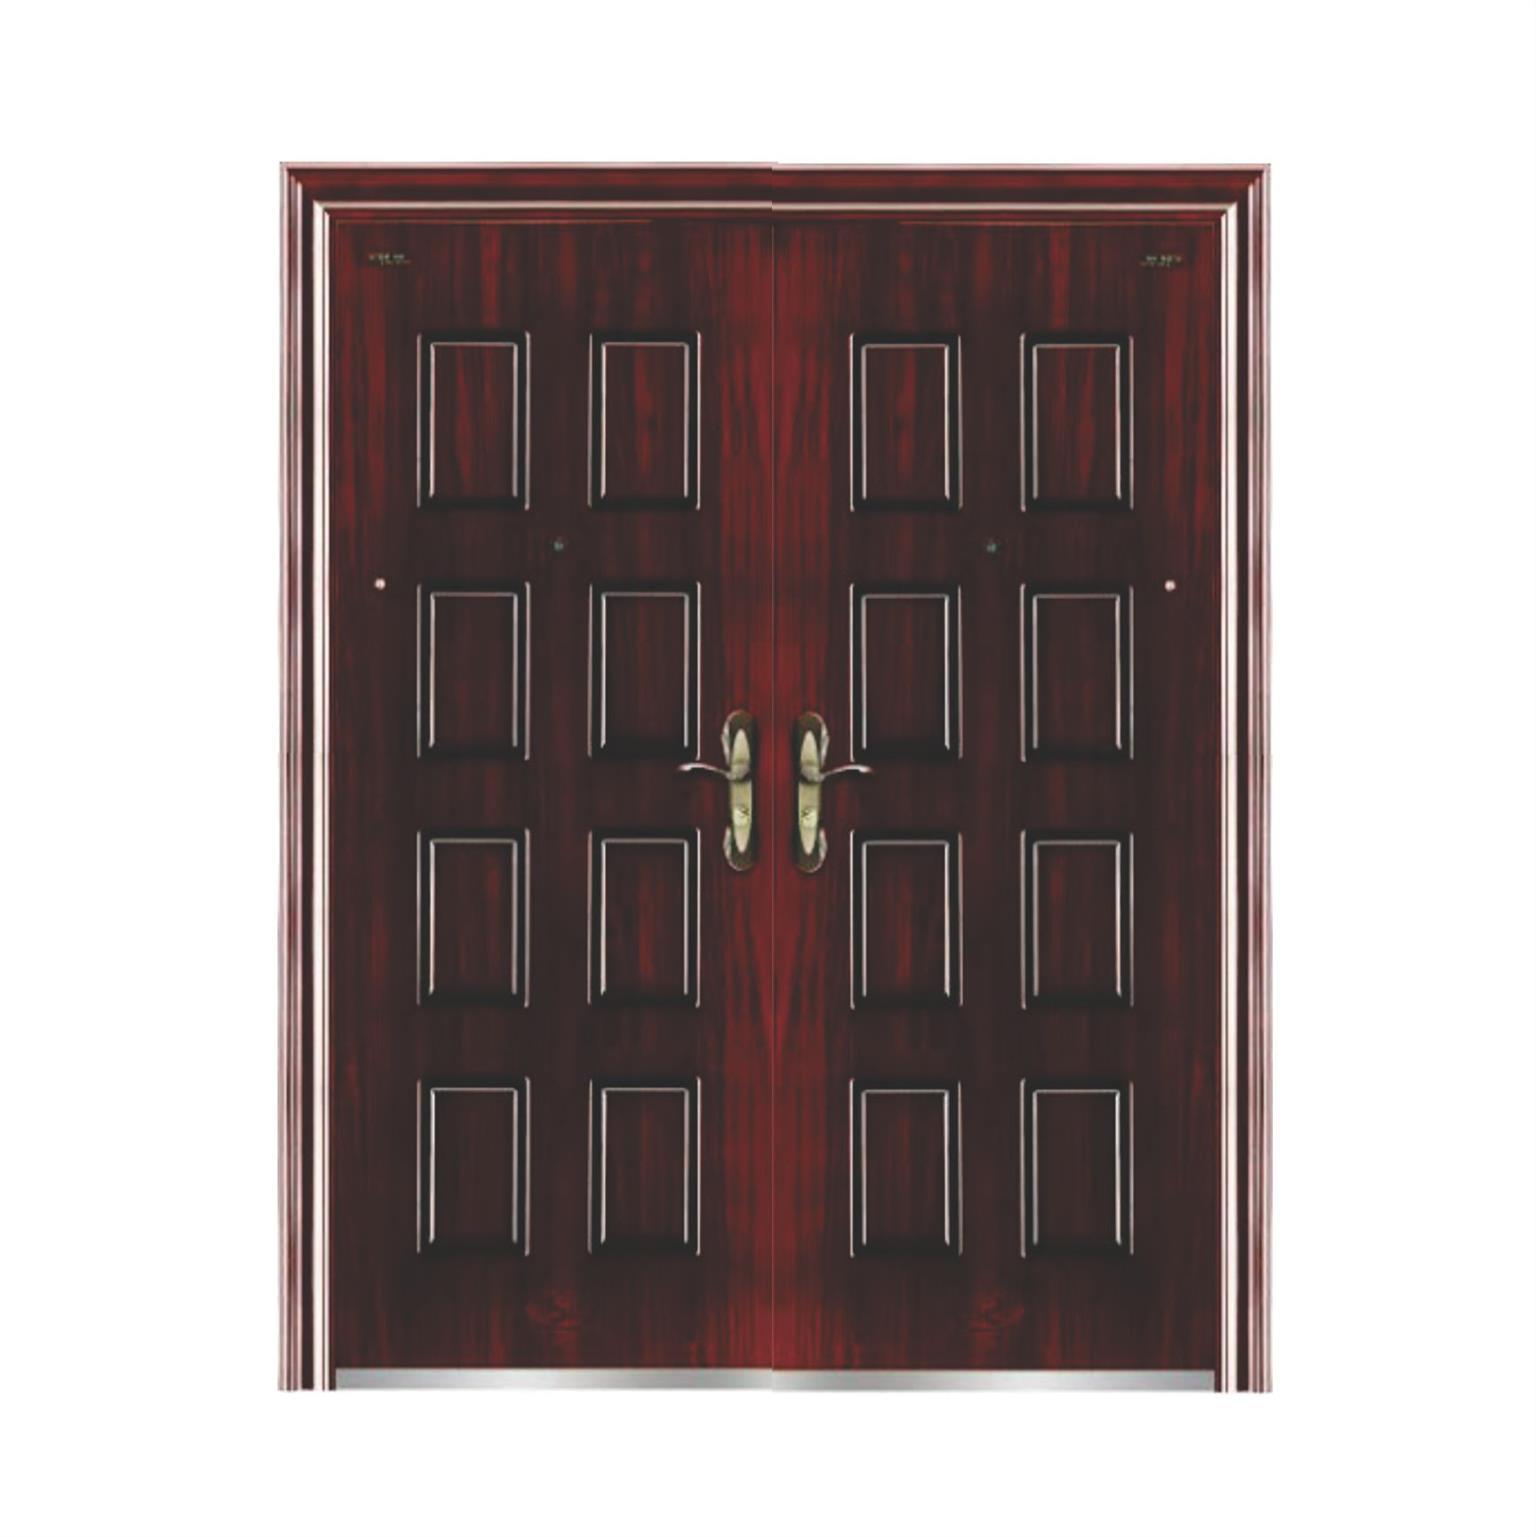 1.5 Double Security Door